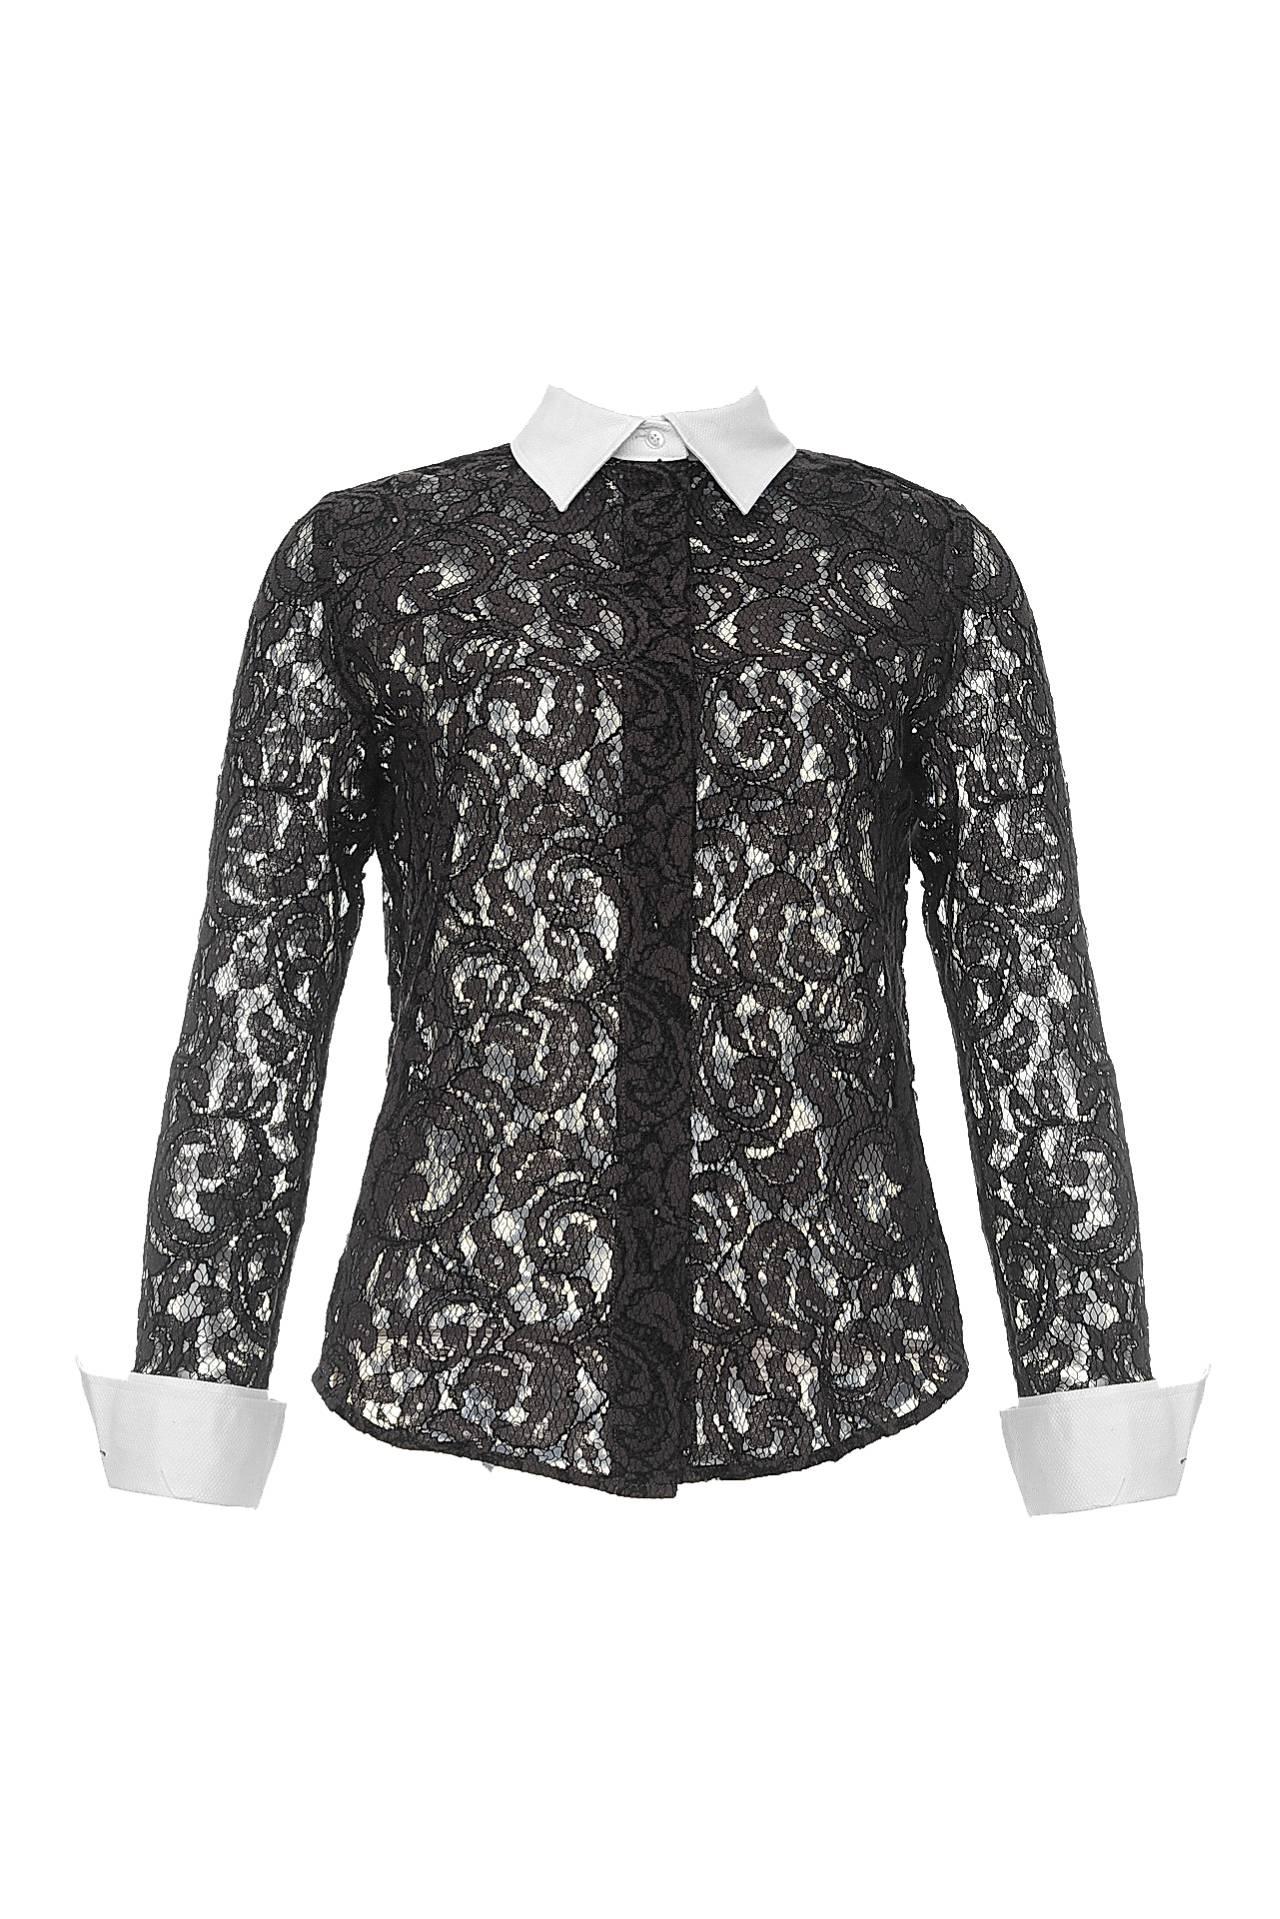 Блузка LETICIA MILANO недорго, оригинальная цена